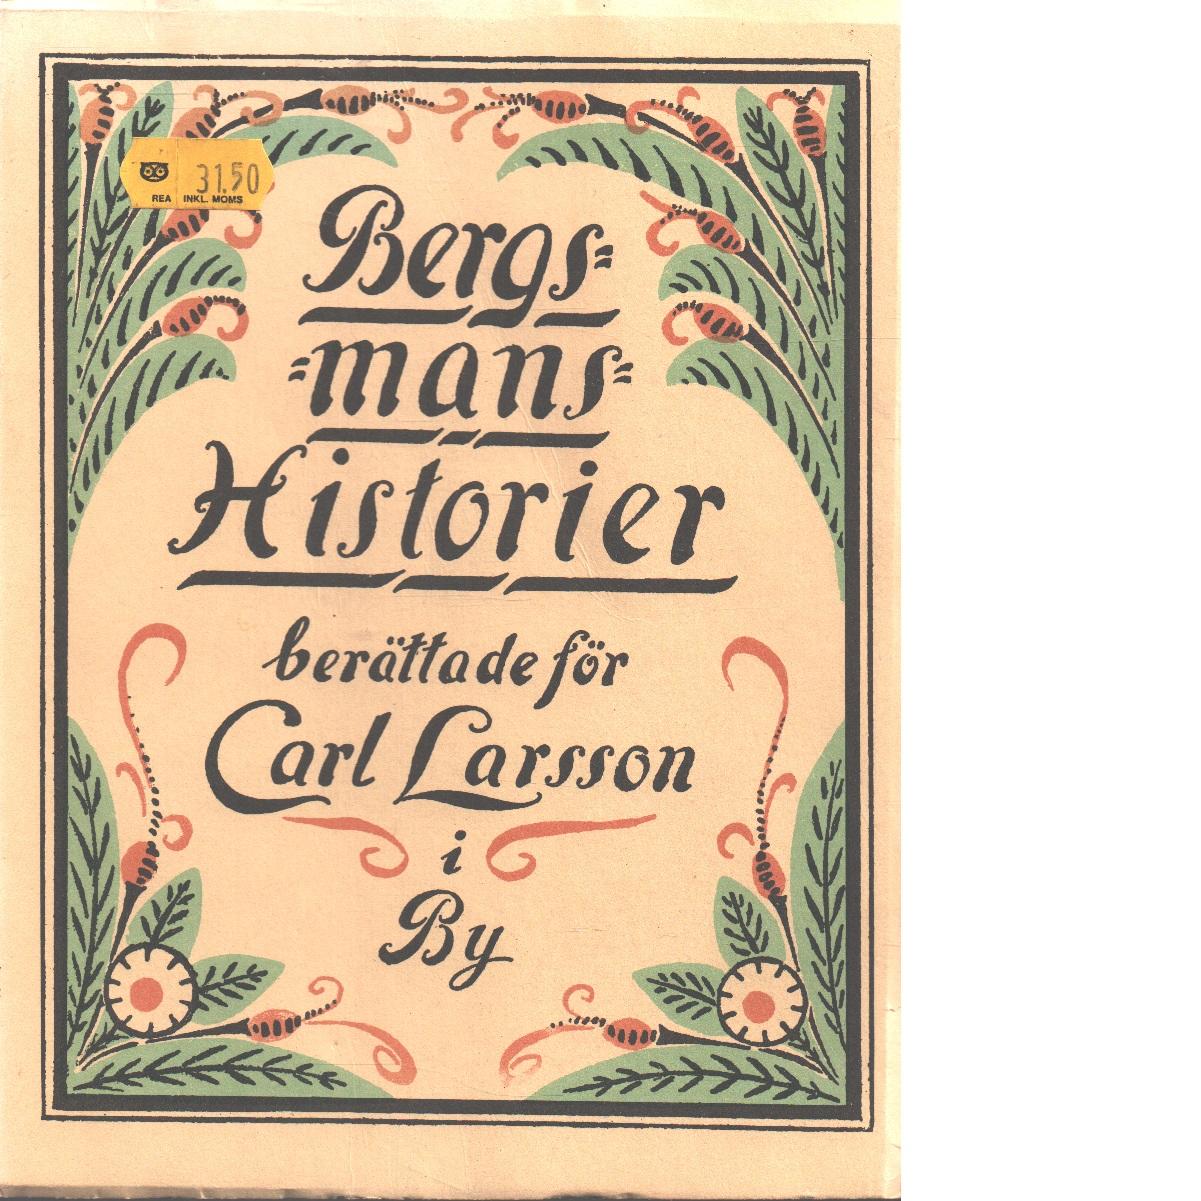 Bergsmanshistorier - berättade för Carl Larsson i By - Larsson Carl